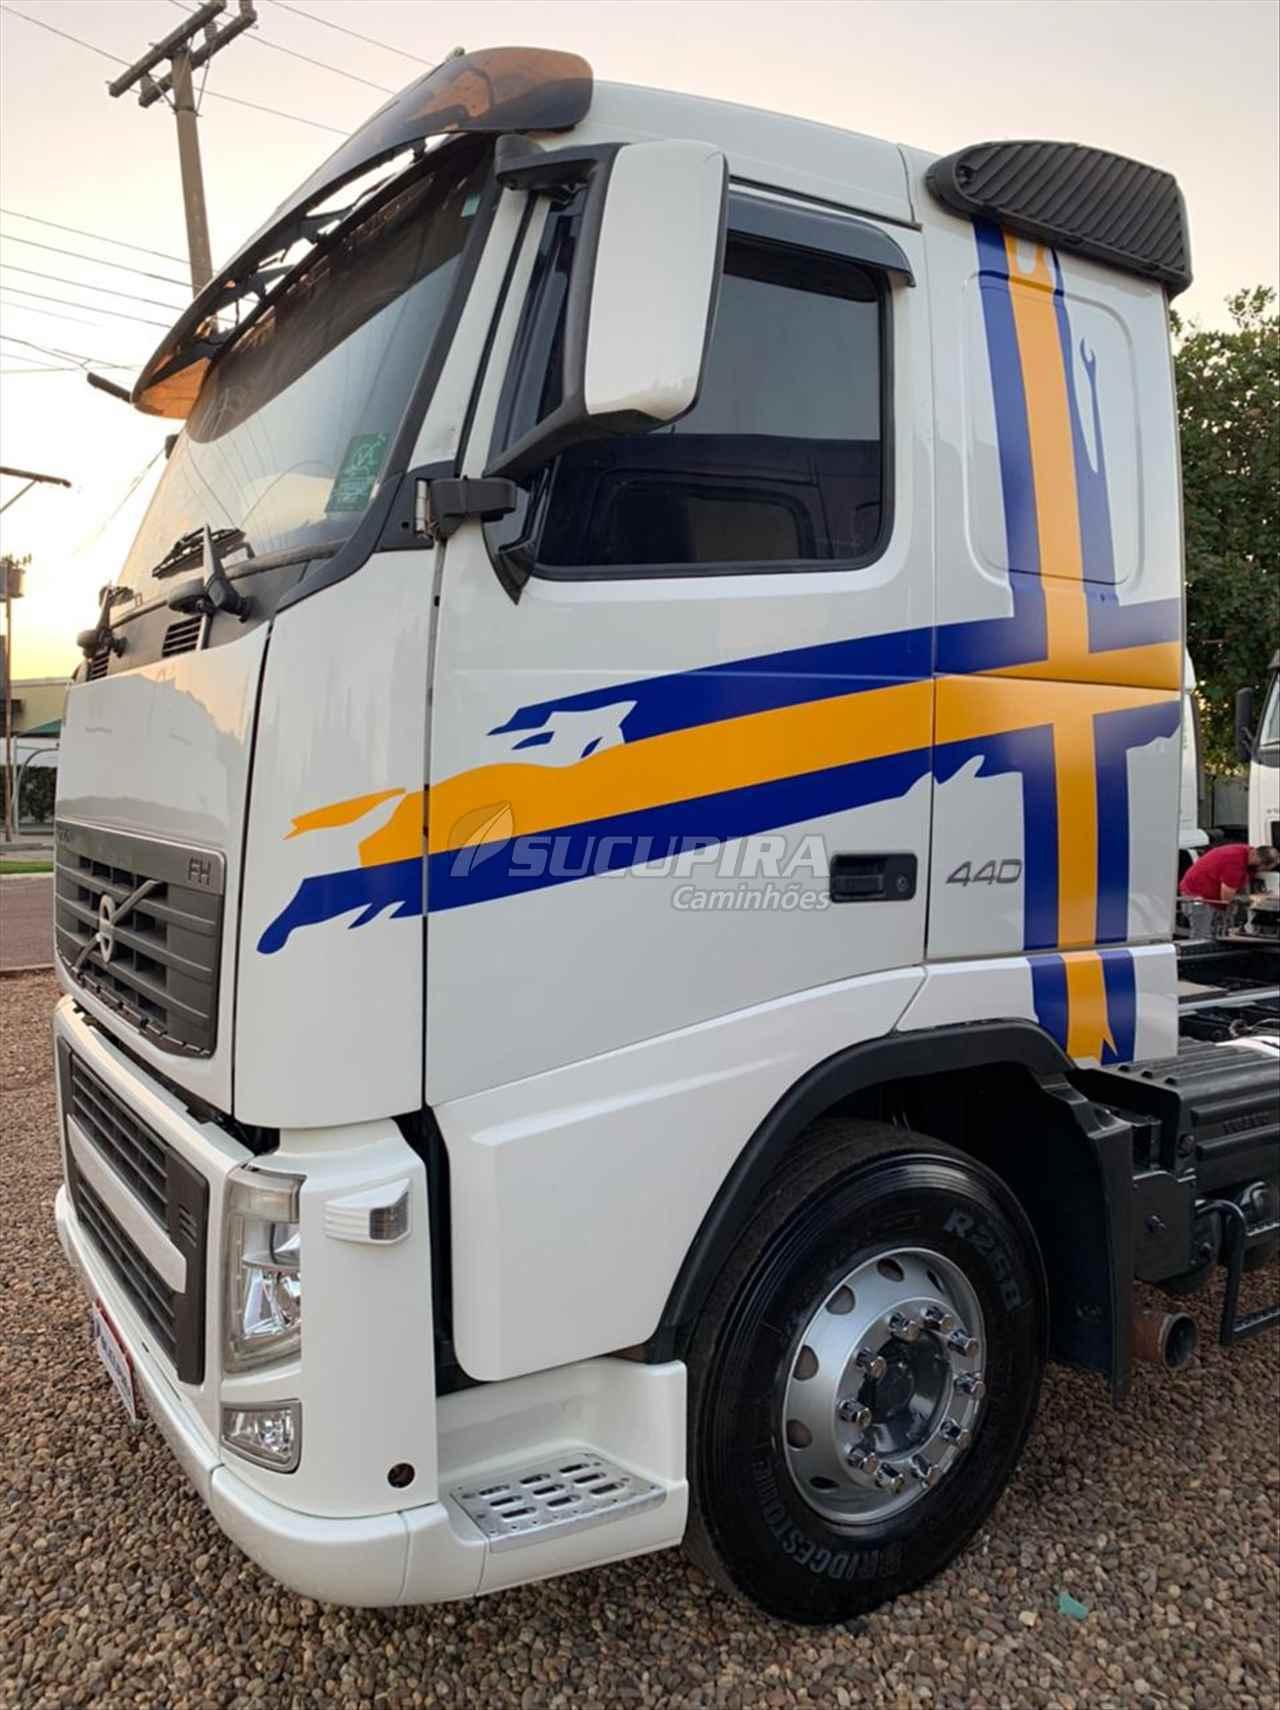 CAMINHAO VOLVO VOLVO FH 440 Cavalo Mecânico Truck 6x2 Sucupira Caminhões RONDONOPOLIS MATO GROSSO MT